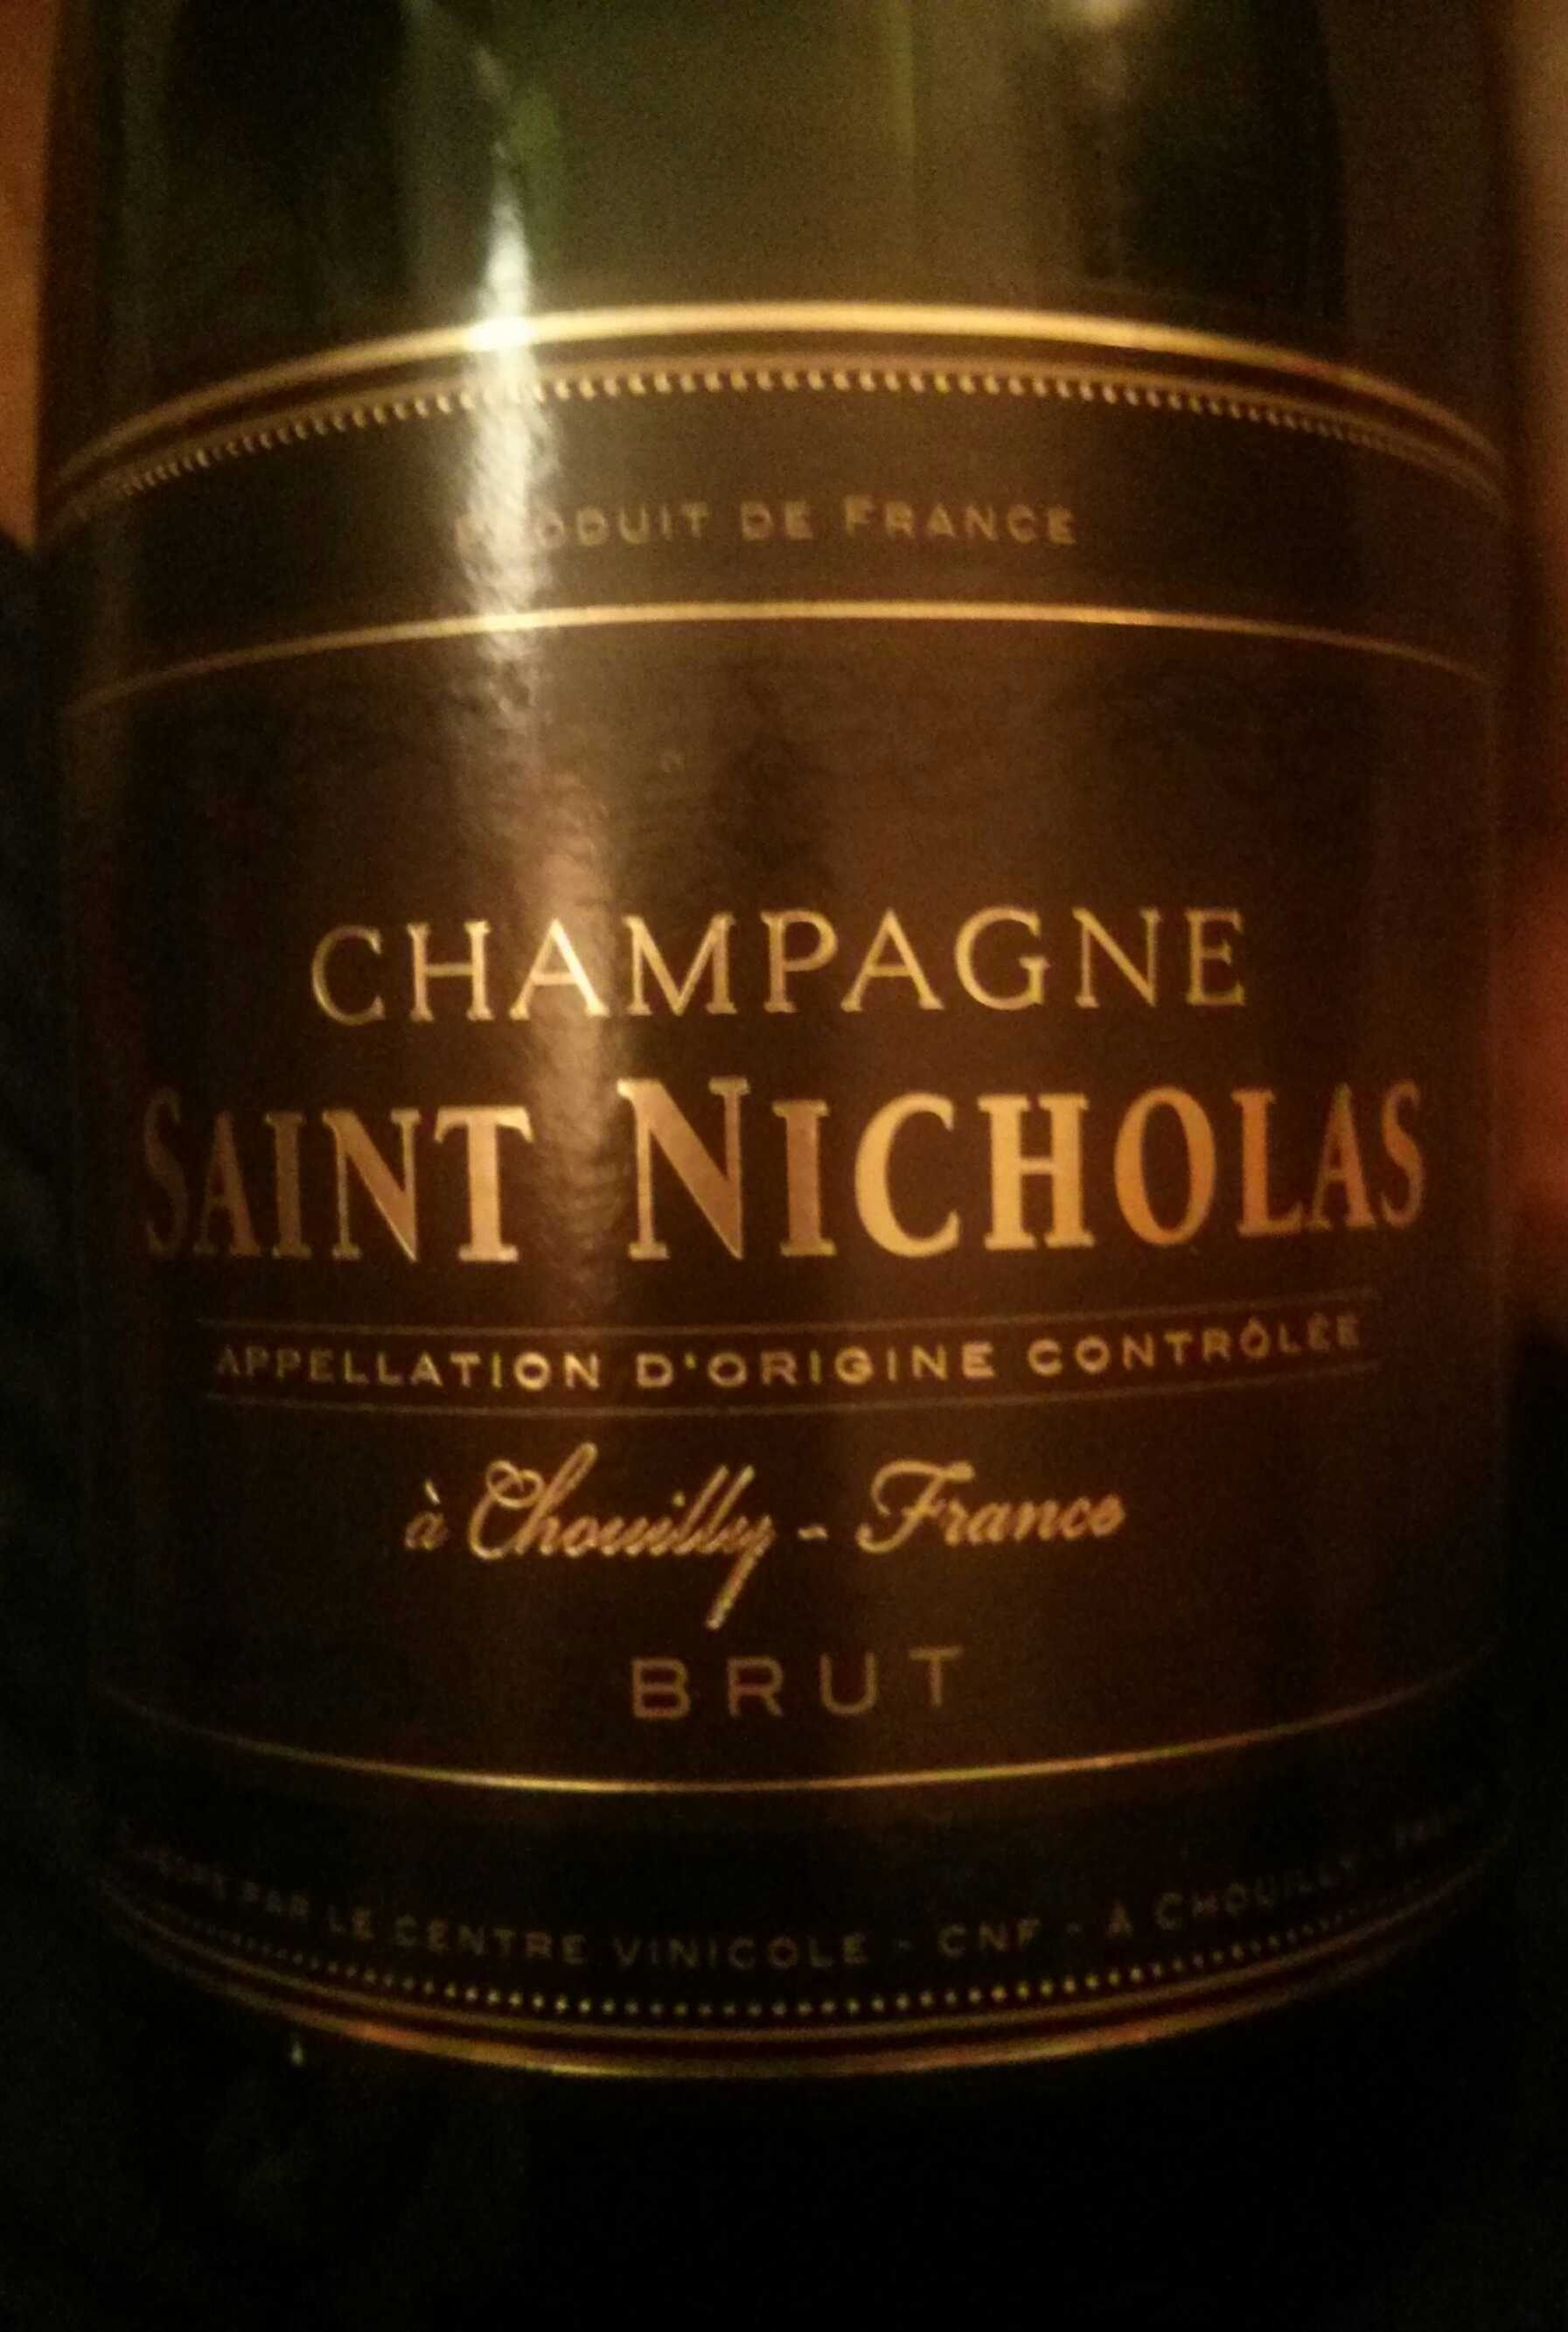 Champagne saint nicholas brut 750 ml - Combien de bouteille de champagne par personne ...